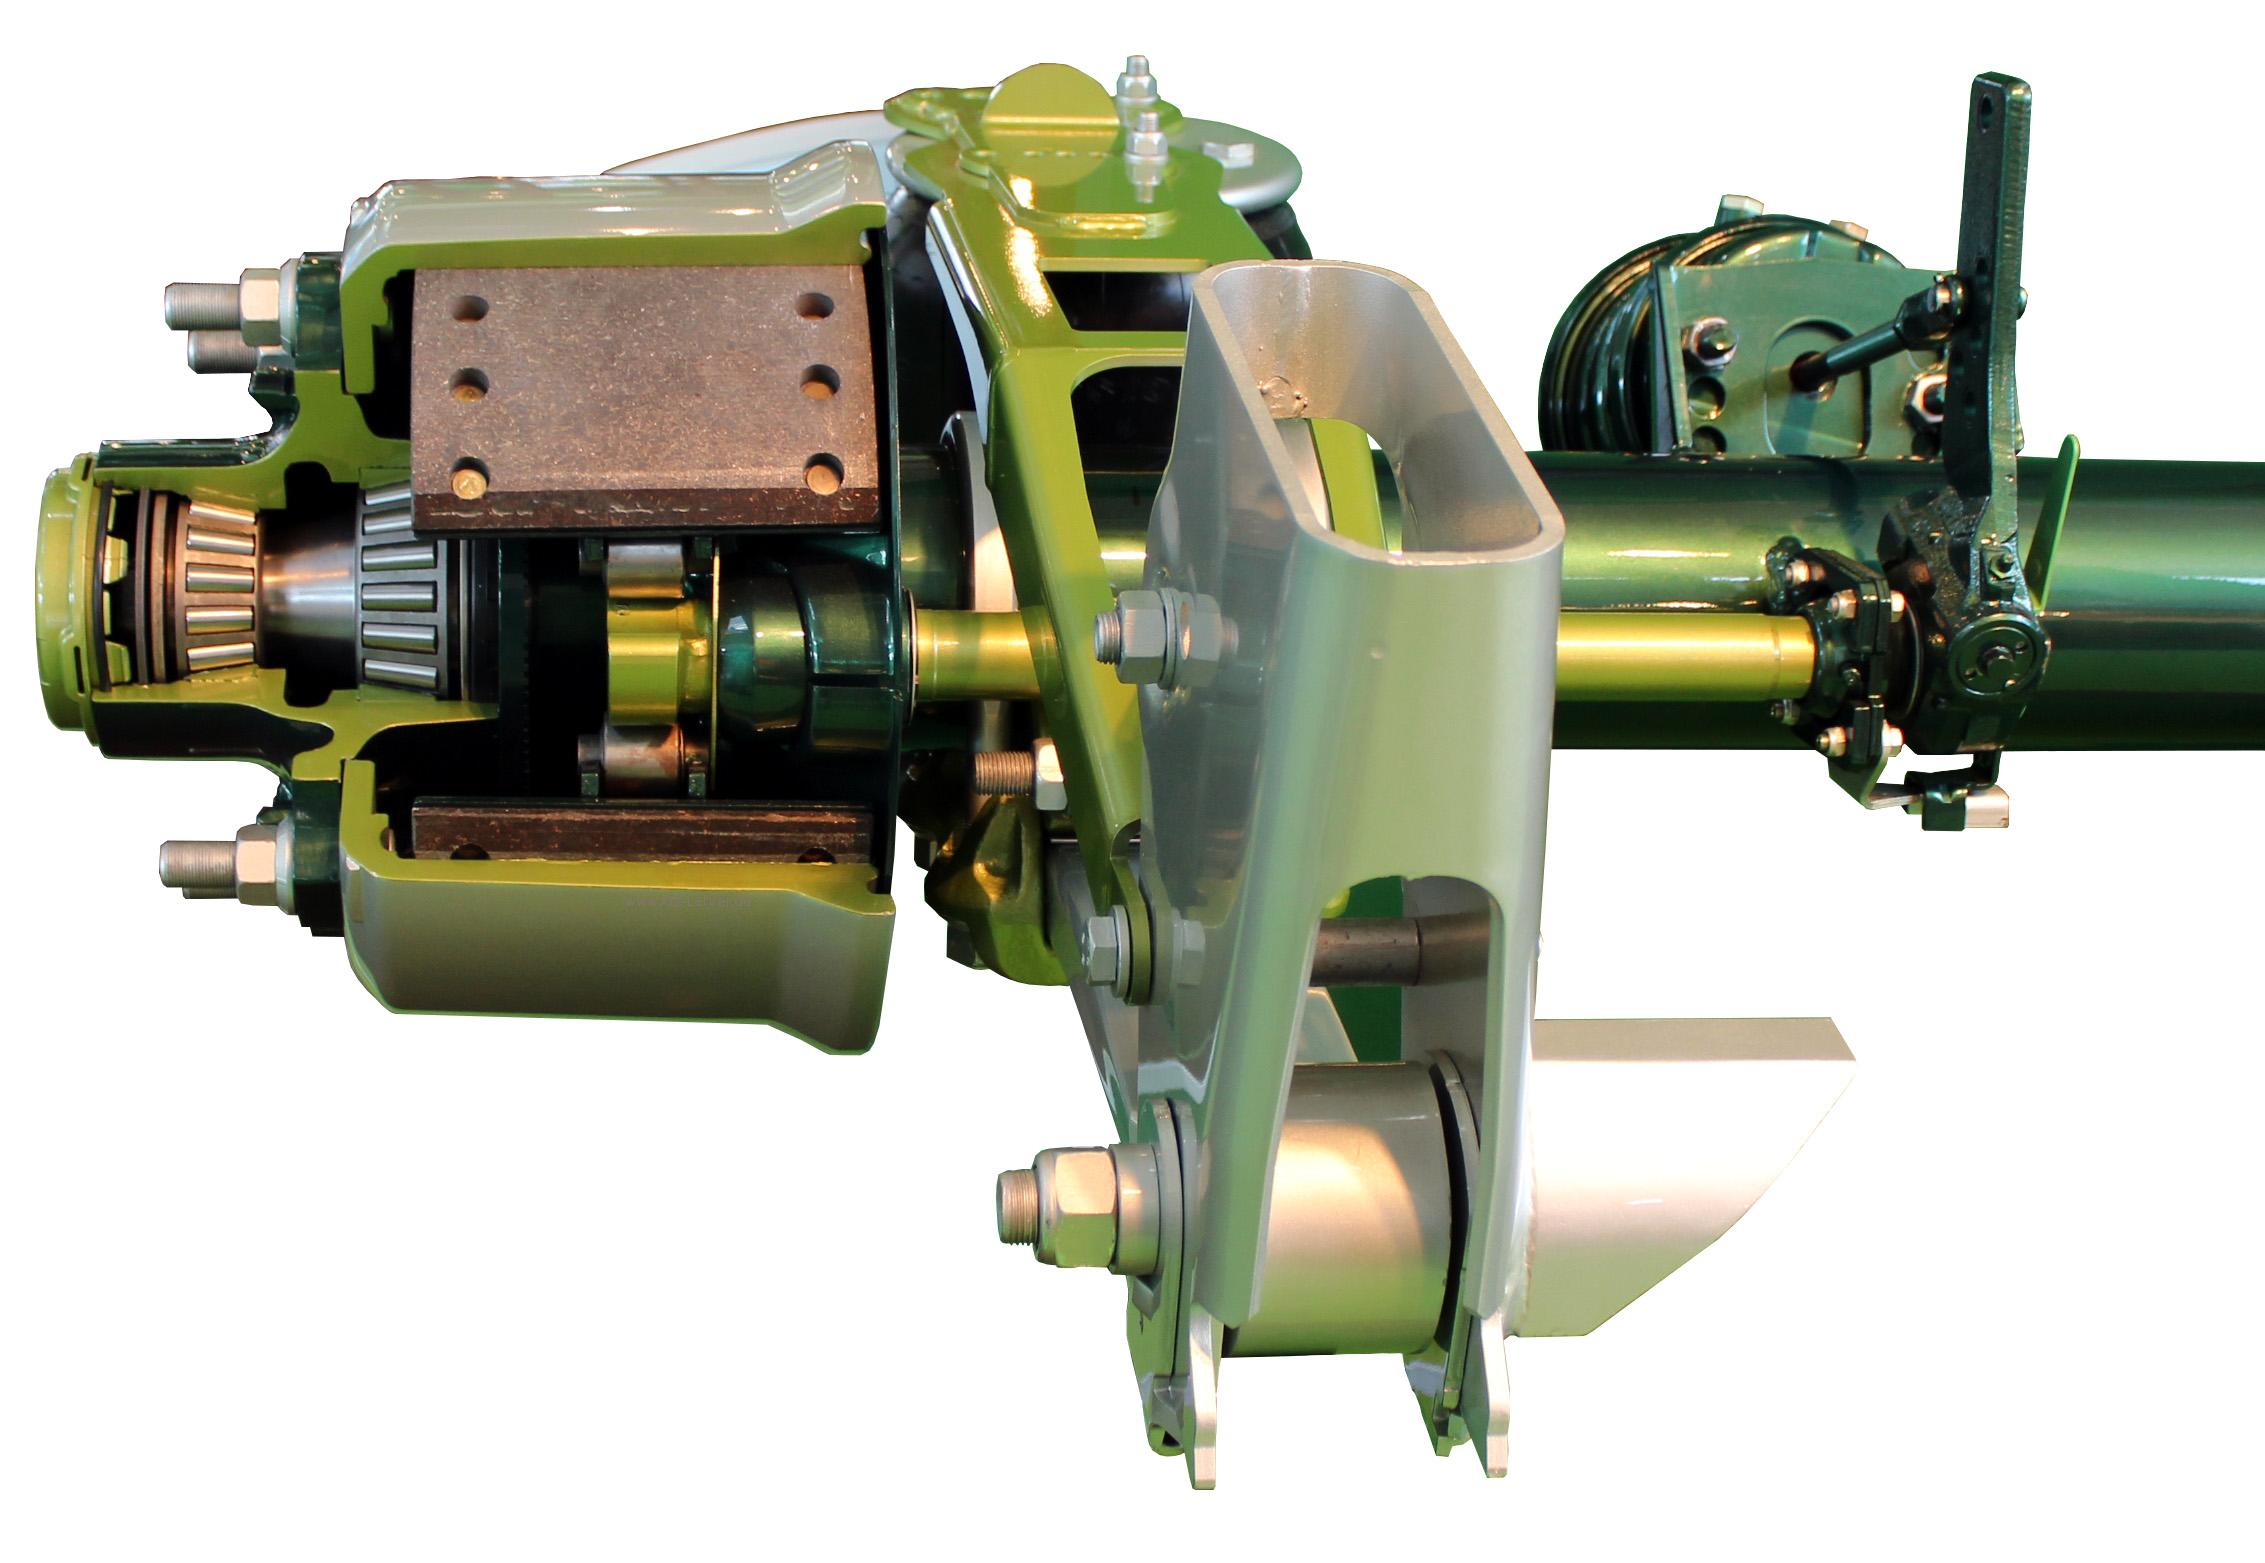 Blick in das Schnittmodell einer Lkw-Trommelbremse